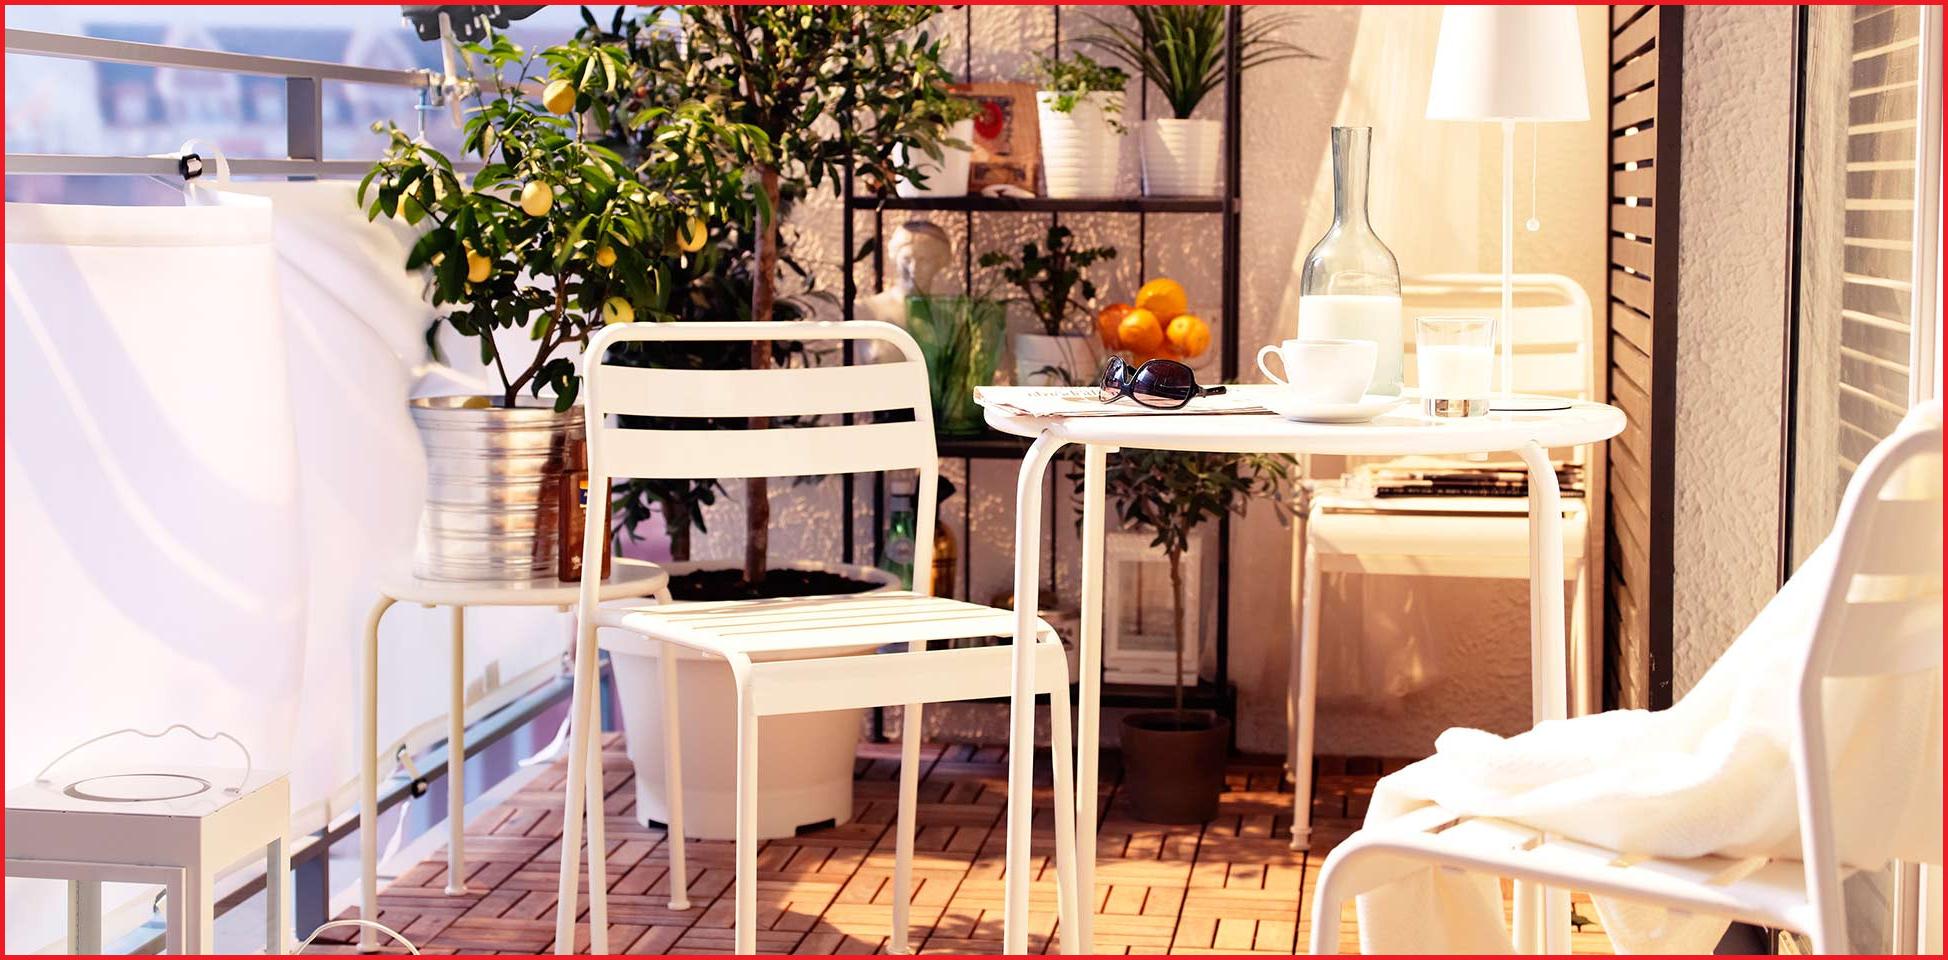 Mesa Balcon Ikea 87dx Mesa Balcon Ikea Curso organiza Y Decora Tu BalcN Ikea